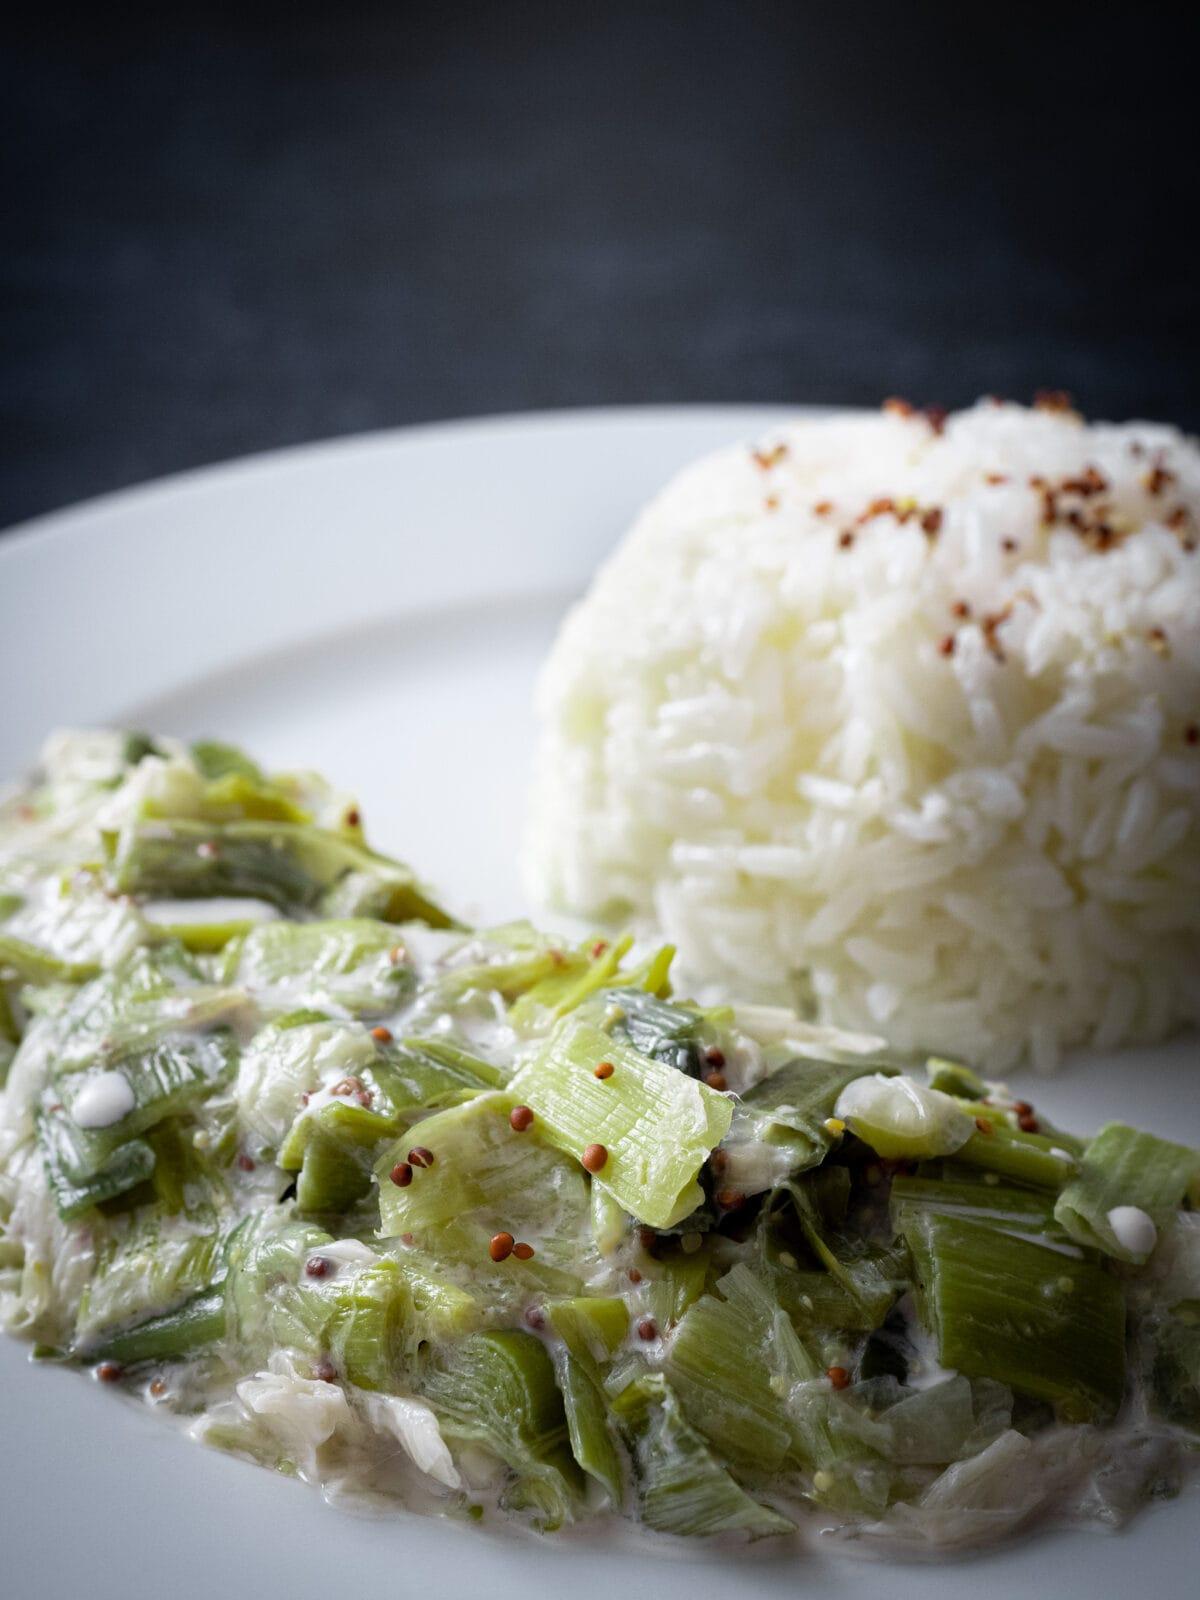 gros plan sur la fondue de poireaux a la creme vegan avec du riz dans une assiette blanche sur un fond noir